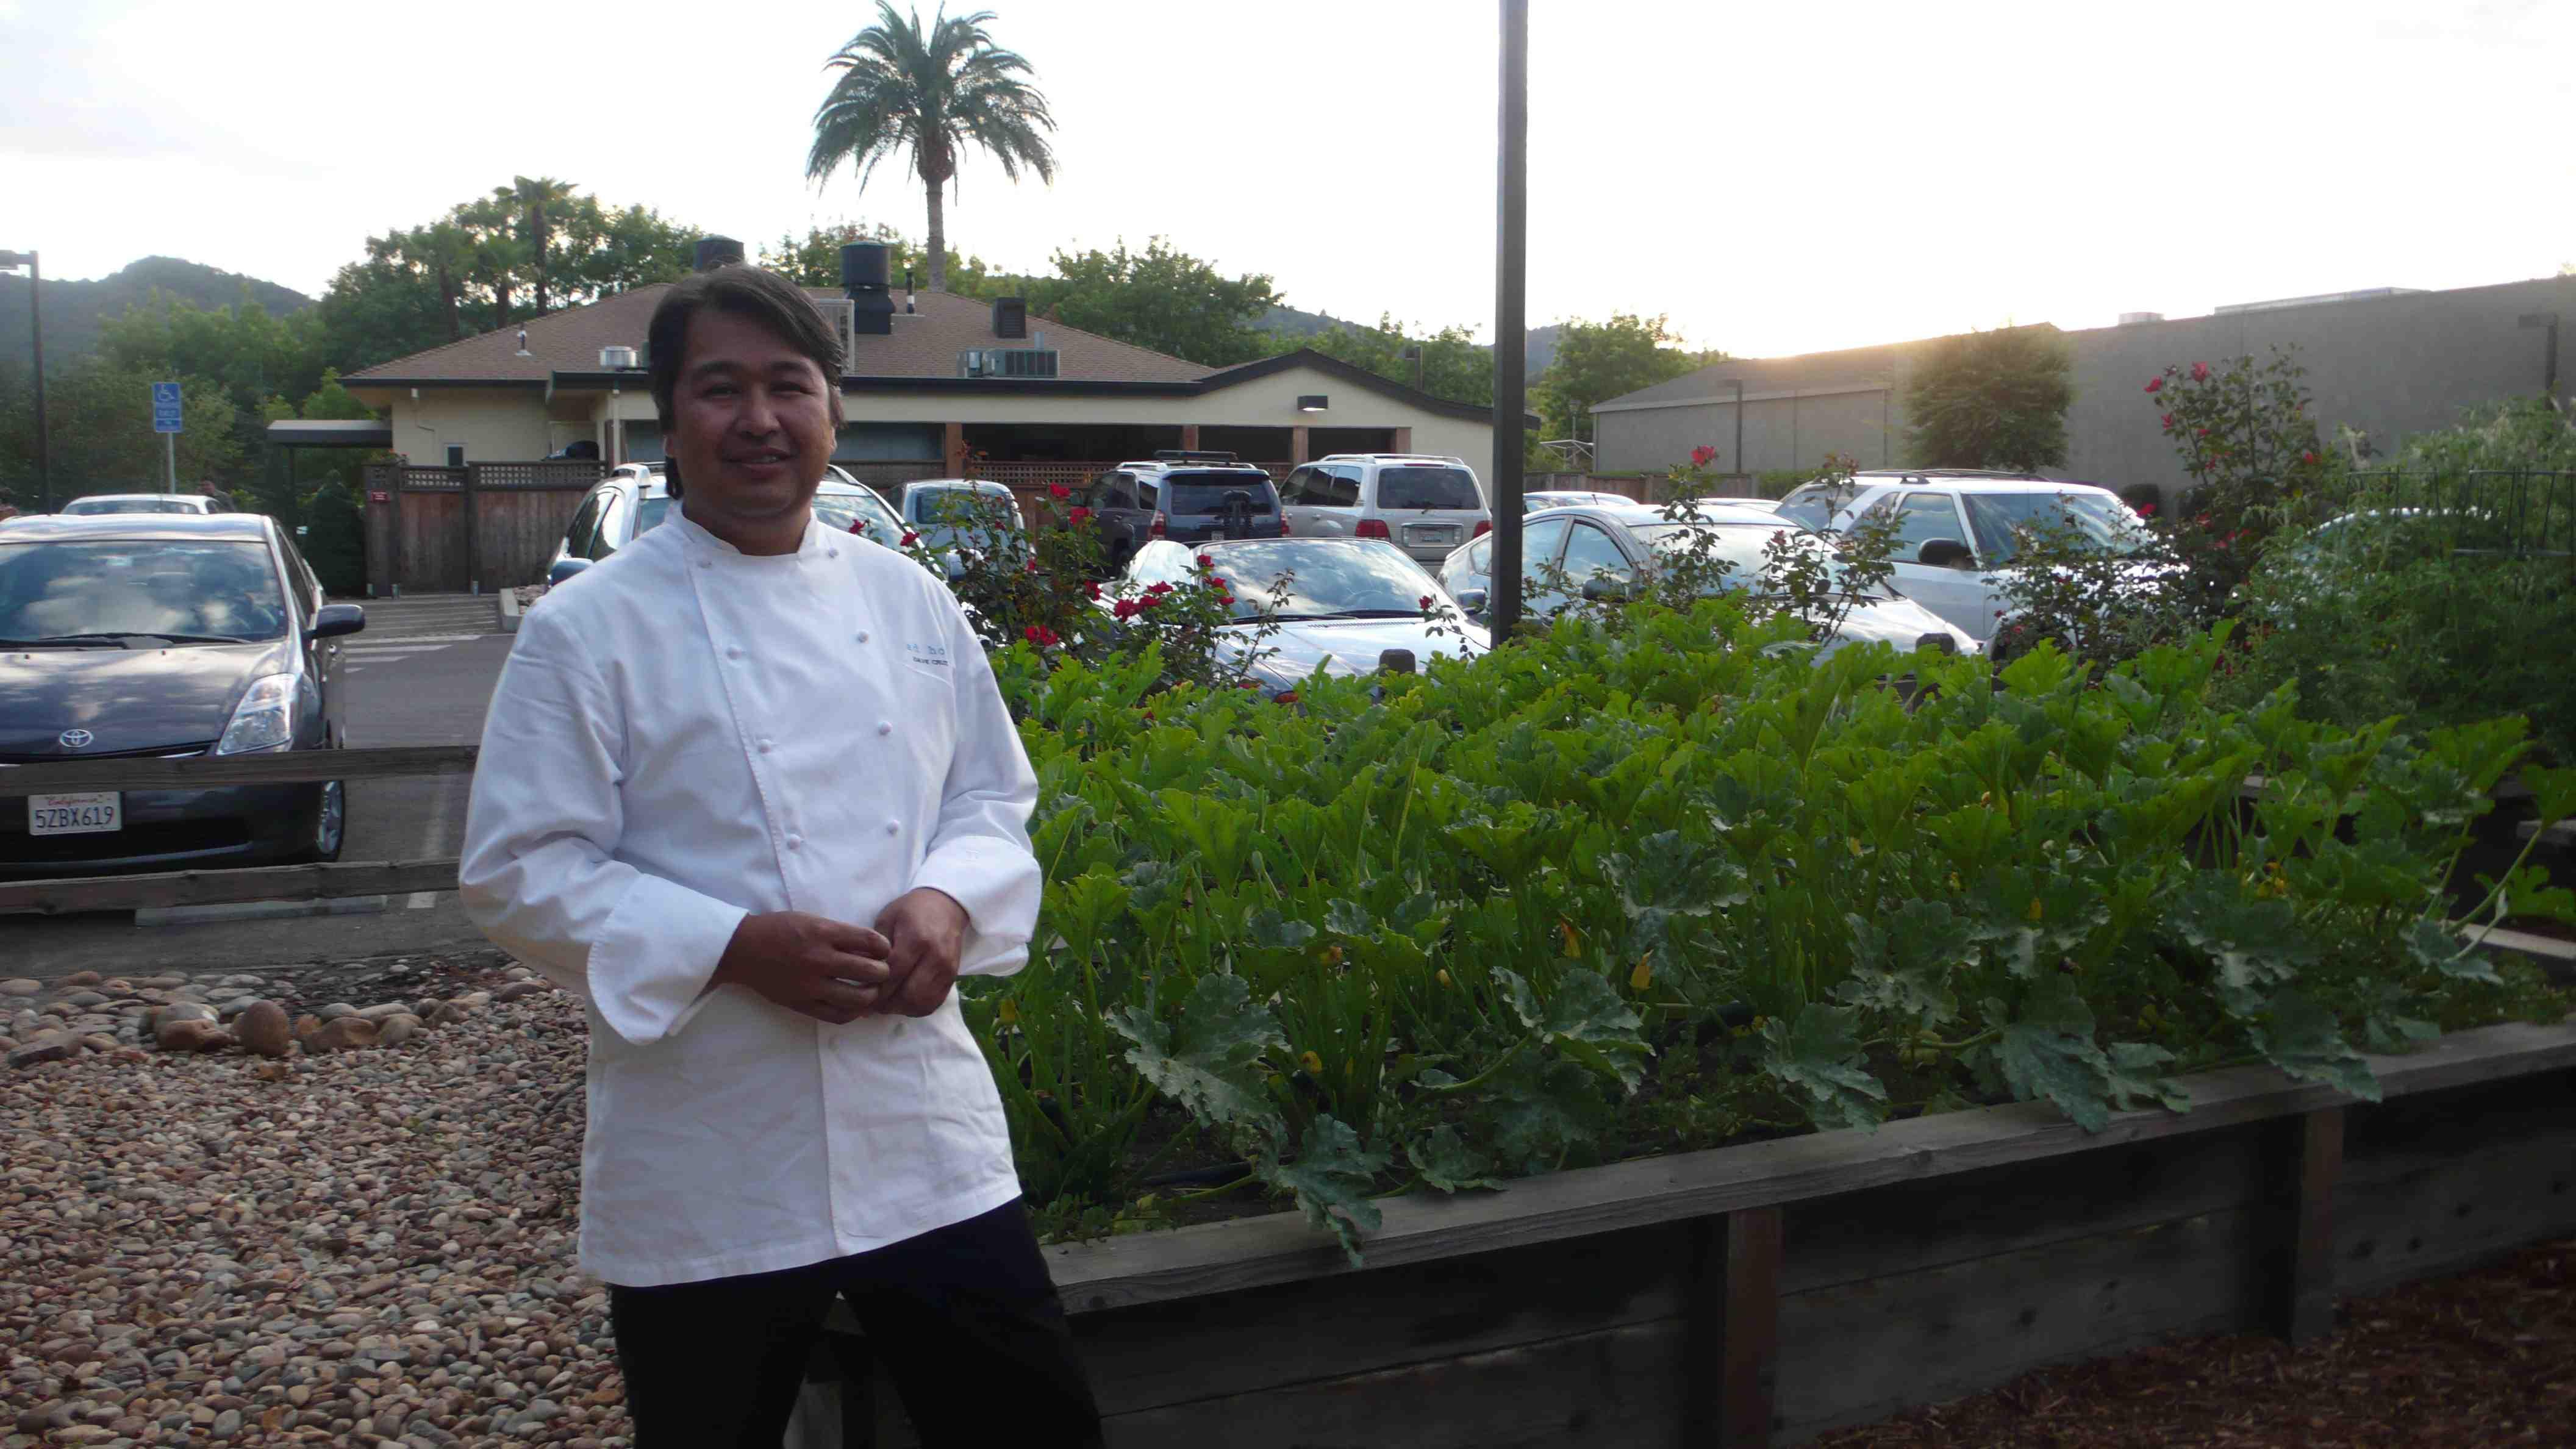 ad hoc Chef de Cuisine Dave Cruz